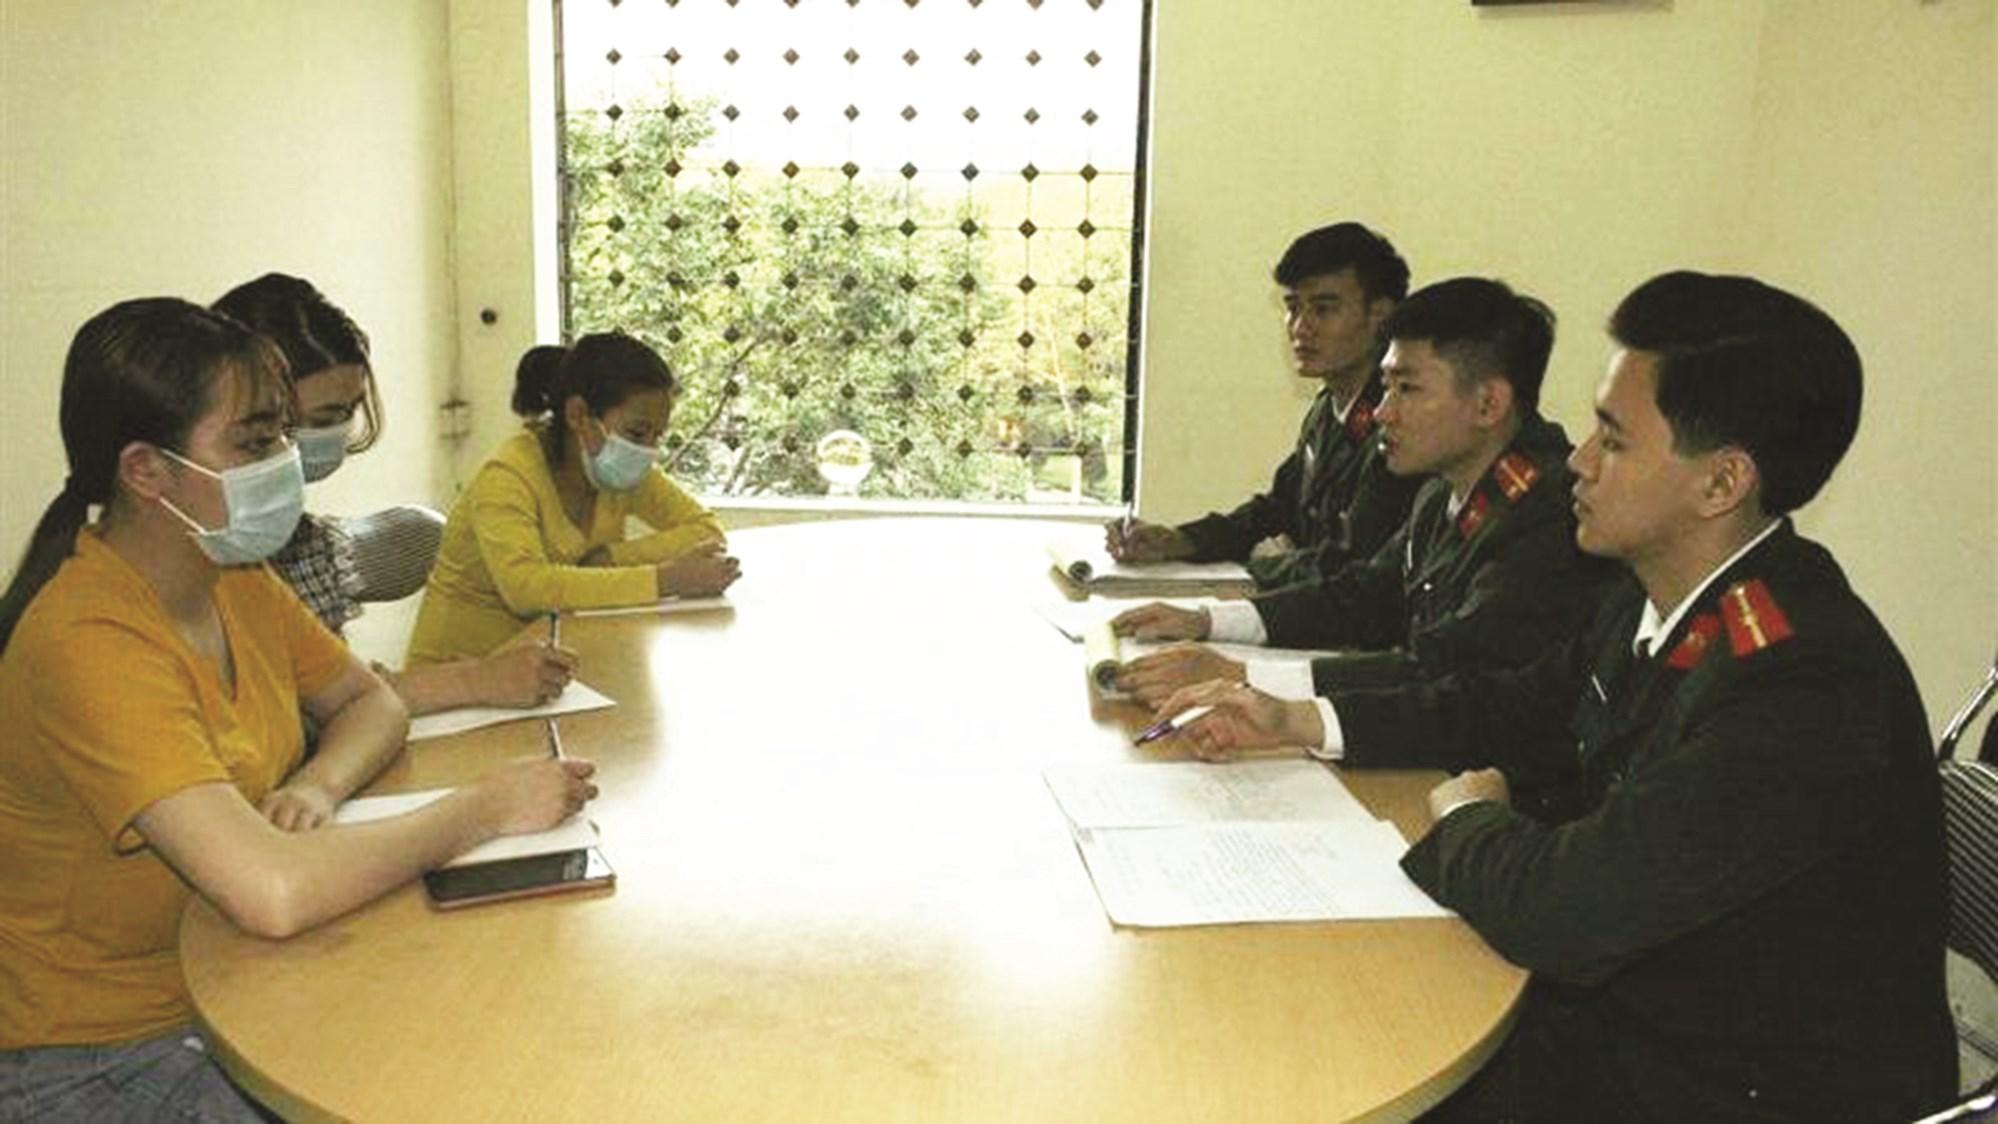 Những người đăng tin sai sự thật làm việc tại cơ quan chức năng (Ảnh: Công an tỉnh Lào Cai).